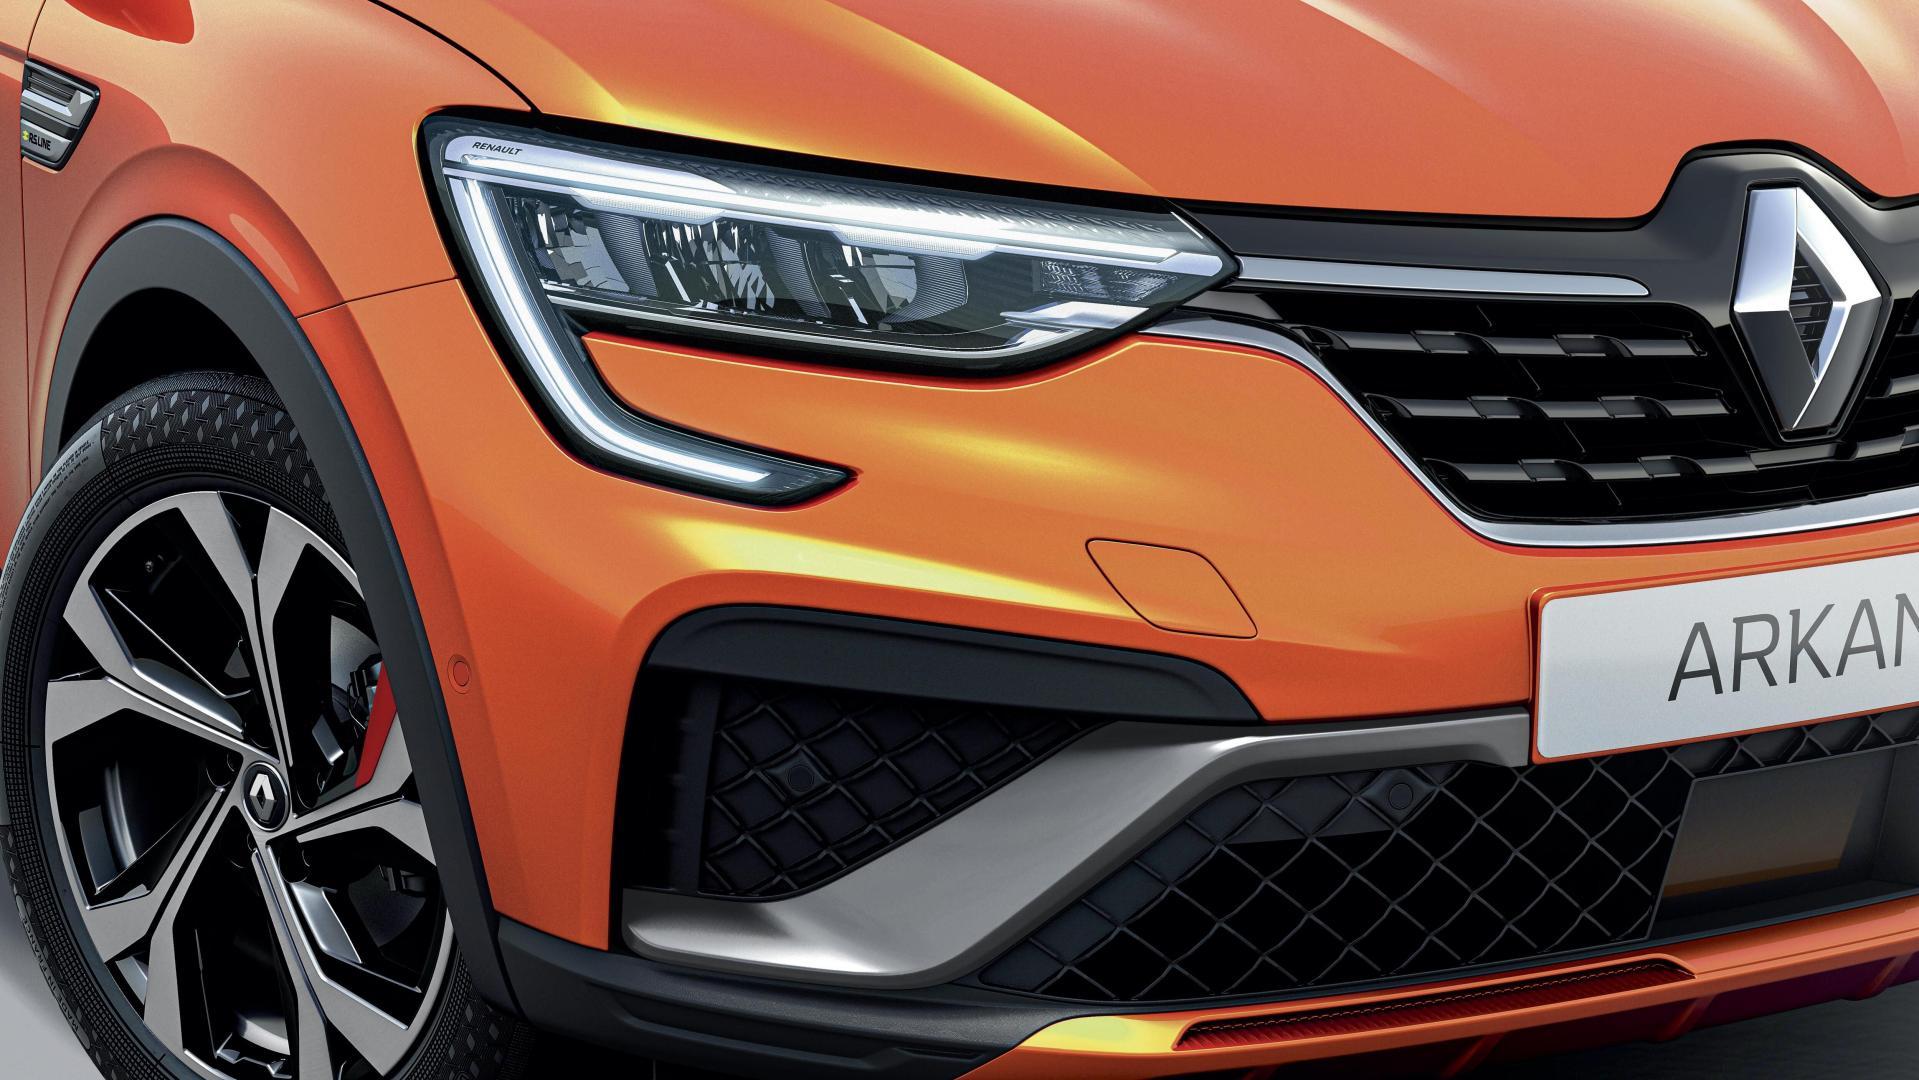 Voll-LED-Scheinwerfer beim Renault ARKANA Autohaus Schouren